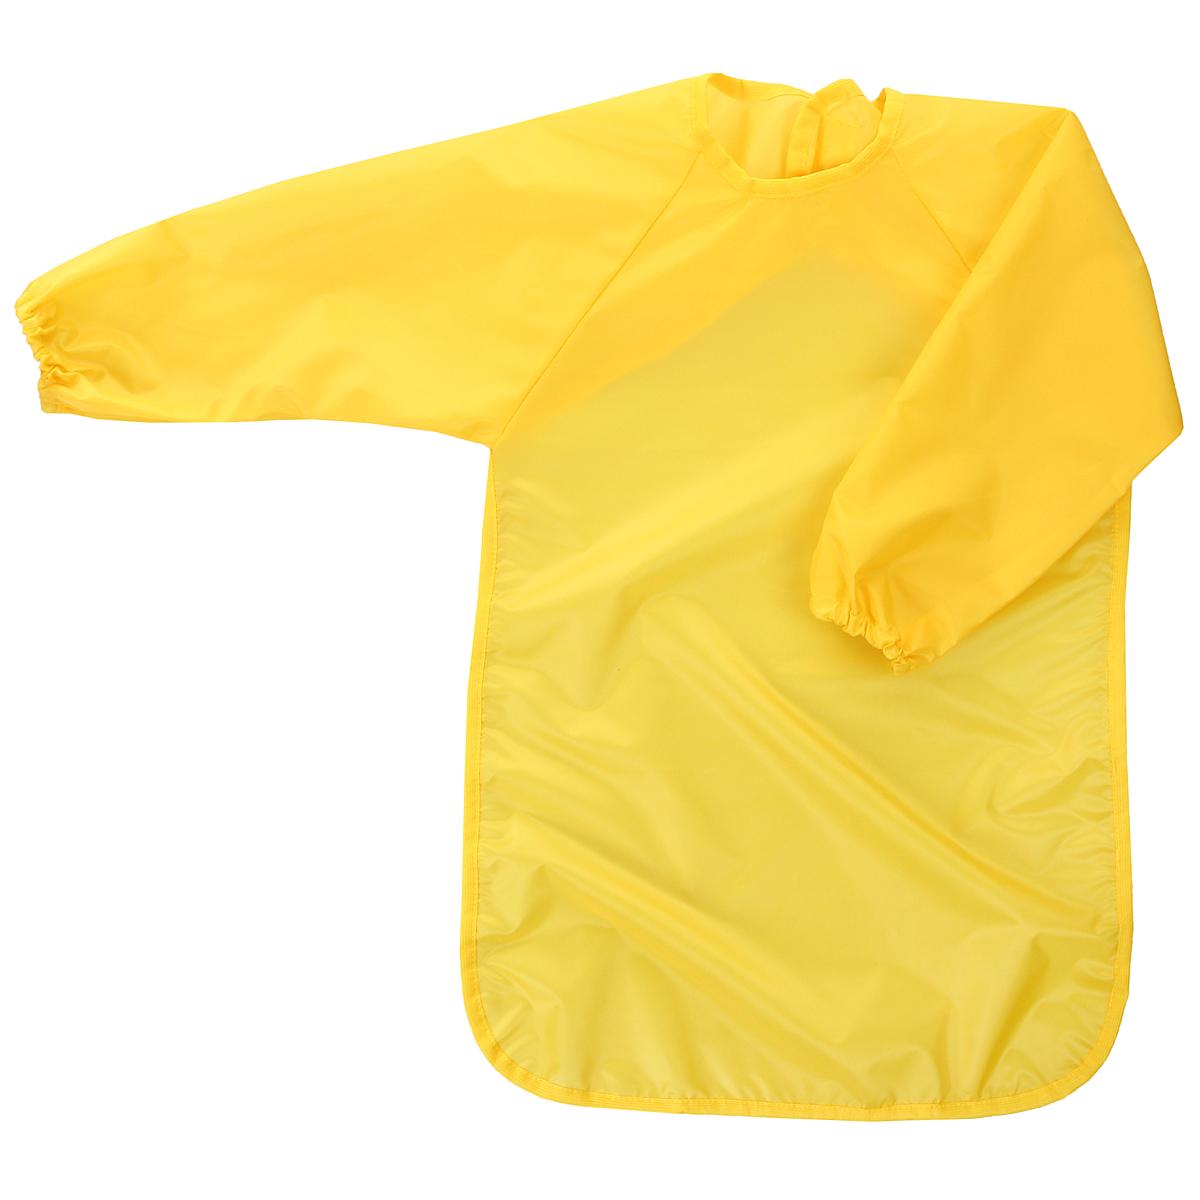 """Универсальный фартук для детского творчества """"Спортбэби"""" надежно защитит одежду и руки ребенка во время занятий рисованием, лепкой и ручным трудом. Фартук с двумя рукавами изготовлен из плотного полиэстера желтого цвета. Он надевается спереди как накидка и застегивается на спине с помощью липучки. С фартуком """"Спортбэби"""" ваш малыш сможет смело рисовать, не боясь испачкаться о свой шедевр, лепить из пластилина и заниматься многими творческими делами. Также фартук удобен при кормлении."""